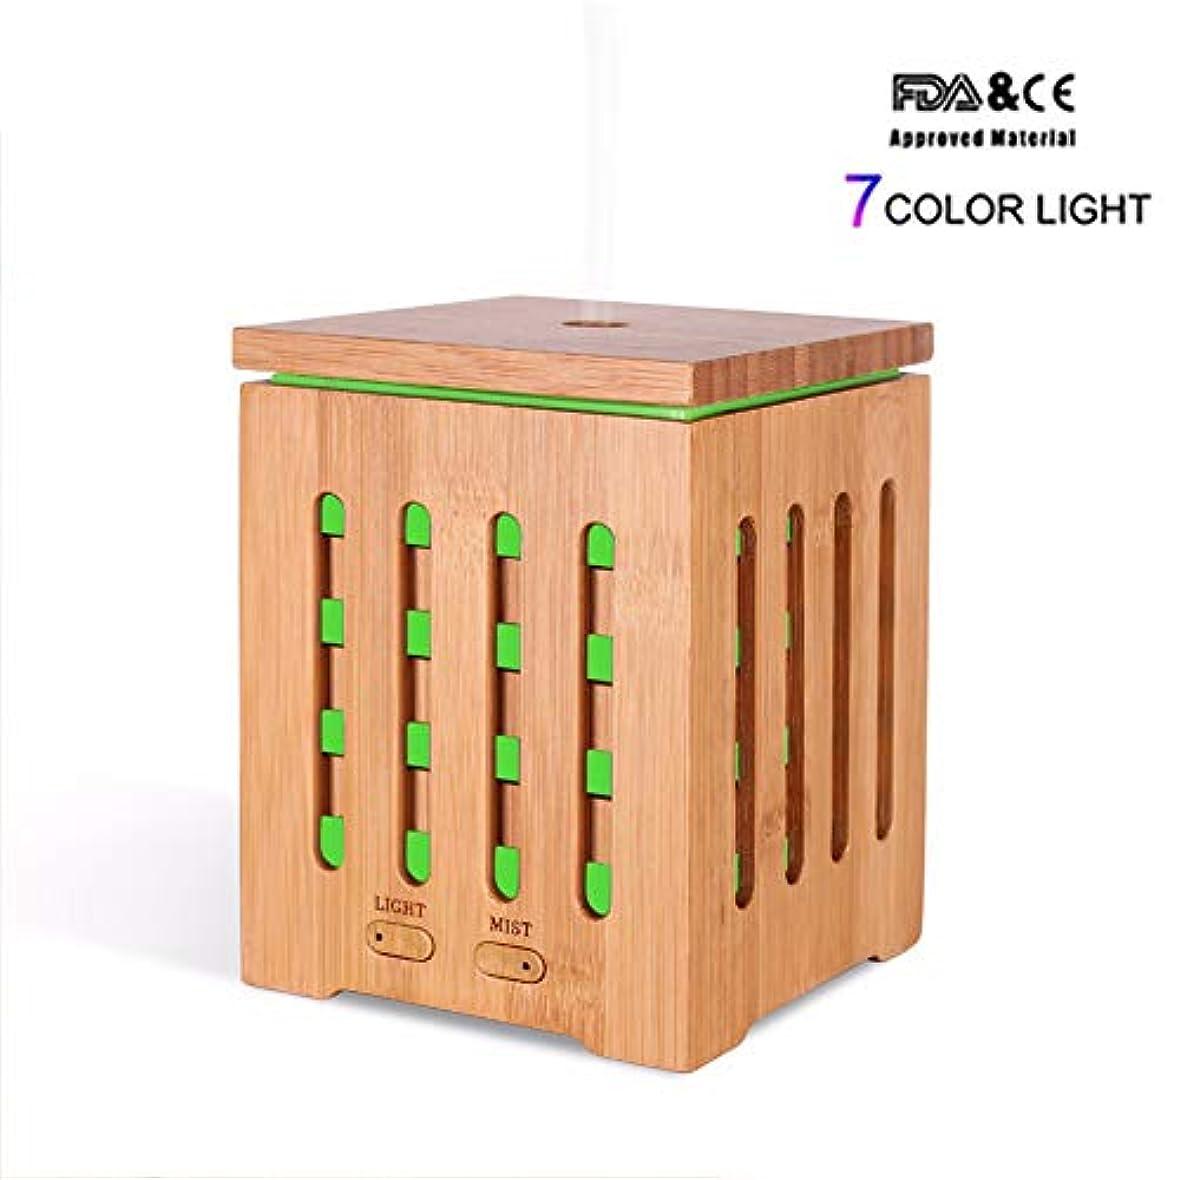 明らかにする進化年金受給者200MLリアル竹エッセンシャルオイルディフューザーアロマテラピー空気加湿器7色LEDライトホームワークスSPA健康的